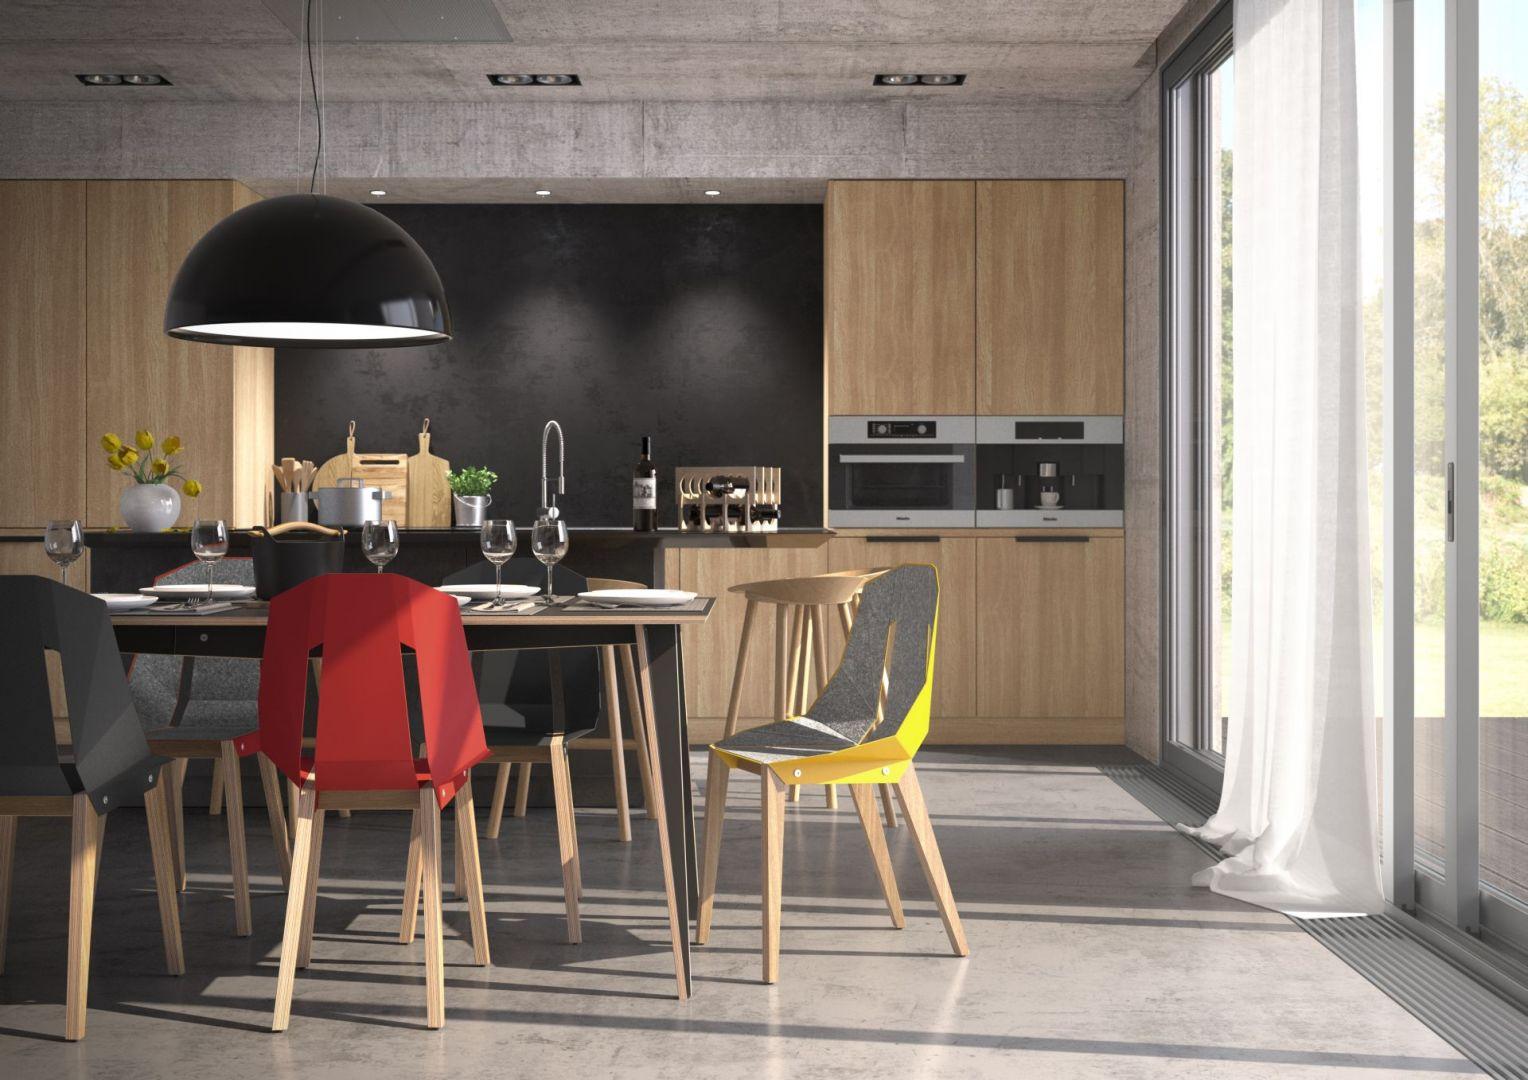 Krzesła Diago z pracowni Tabanda. Świetny i nagradzany polski design! Dostępne w wielu kolorach. Nogi dębowe, siedzisko z blachy aluminiowej, wykończone filcem lub nie. 1265 zł, Tabanda